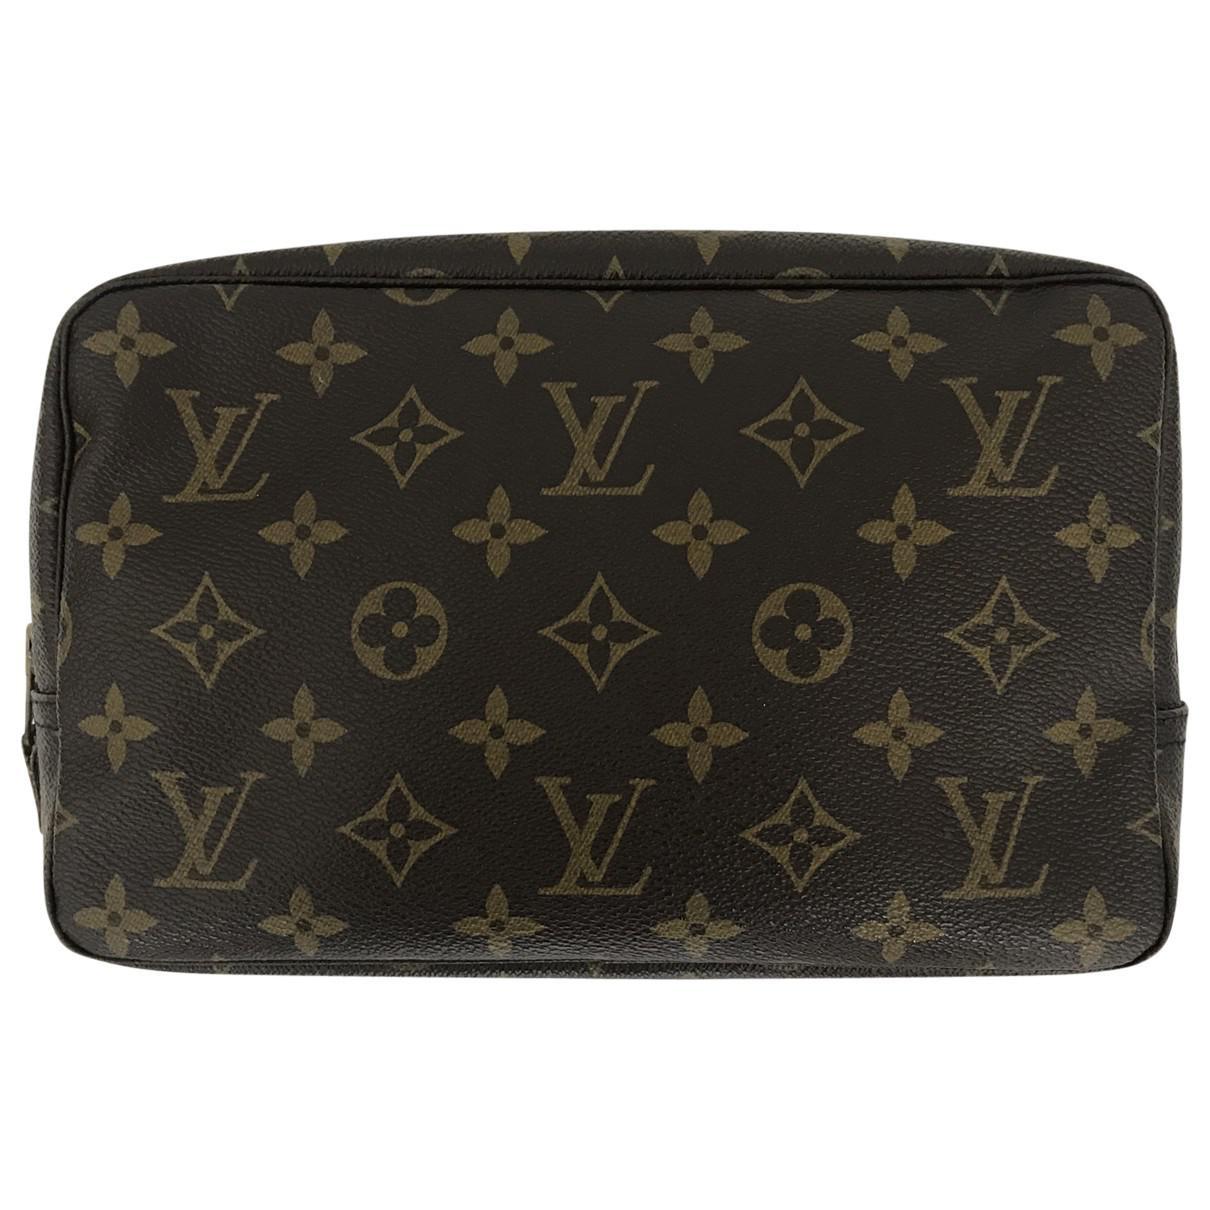 Lyst - Petite maroquinerie en toile Louis Vuitton pour homme en ... ac0f2bc7b5f